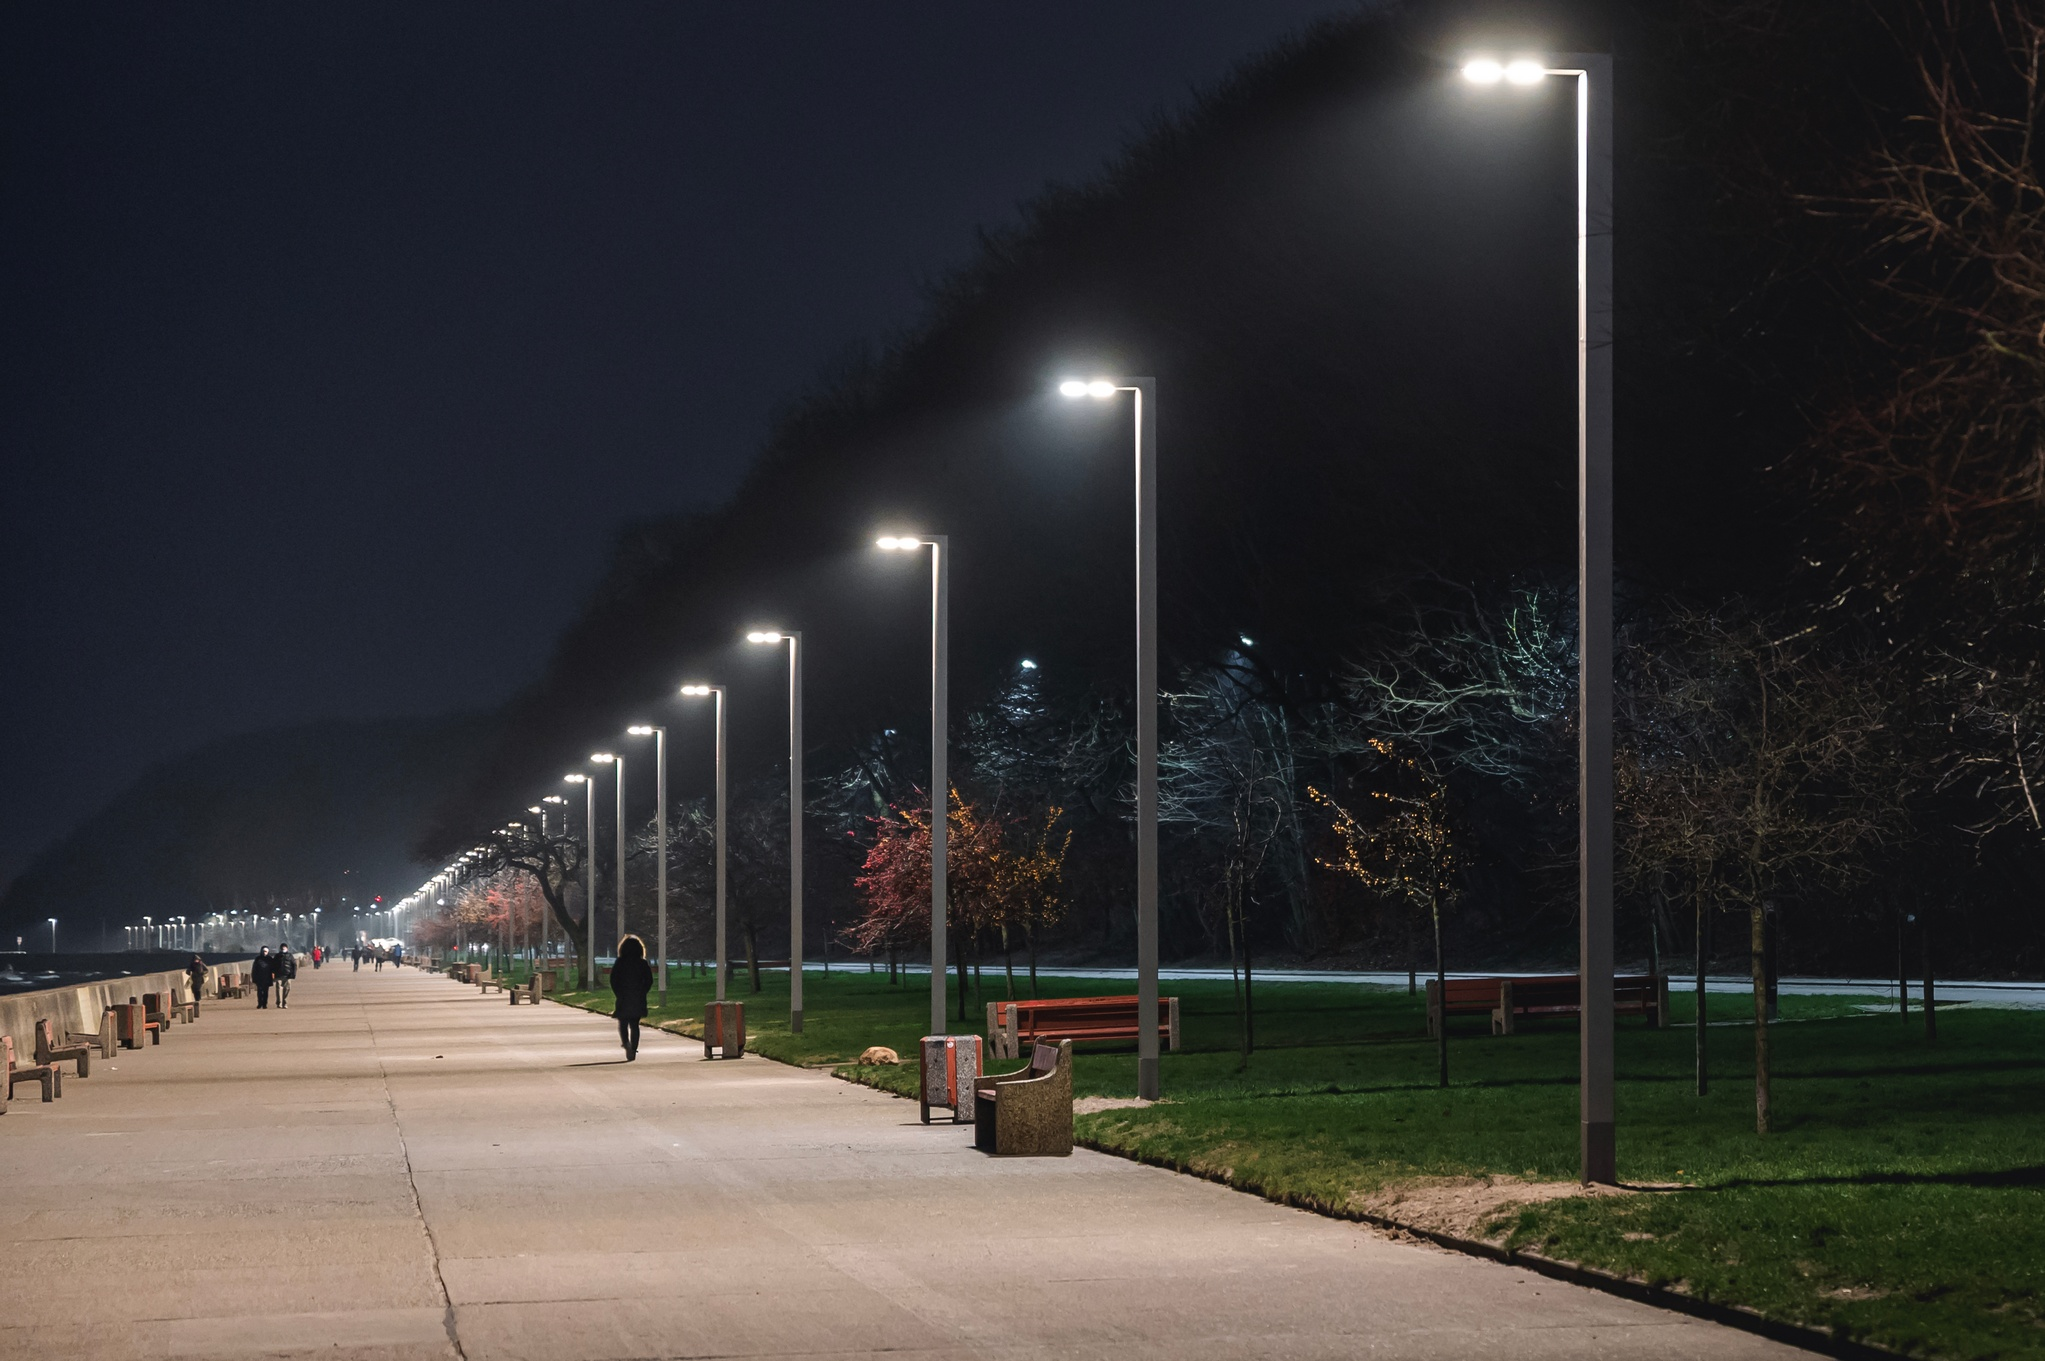 Nowe latarnie nawiązujące do stylu modernistycznego przy bulwarze Nadmorskim, fot. Dzielnice #wGdyni